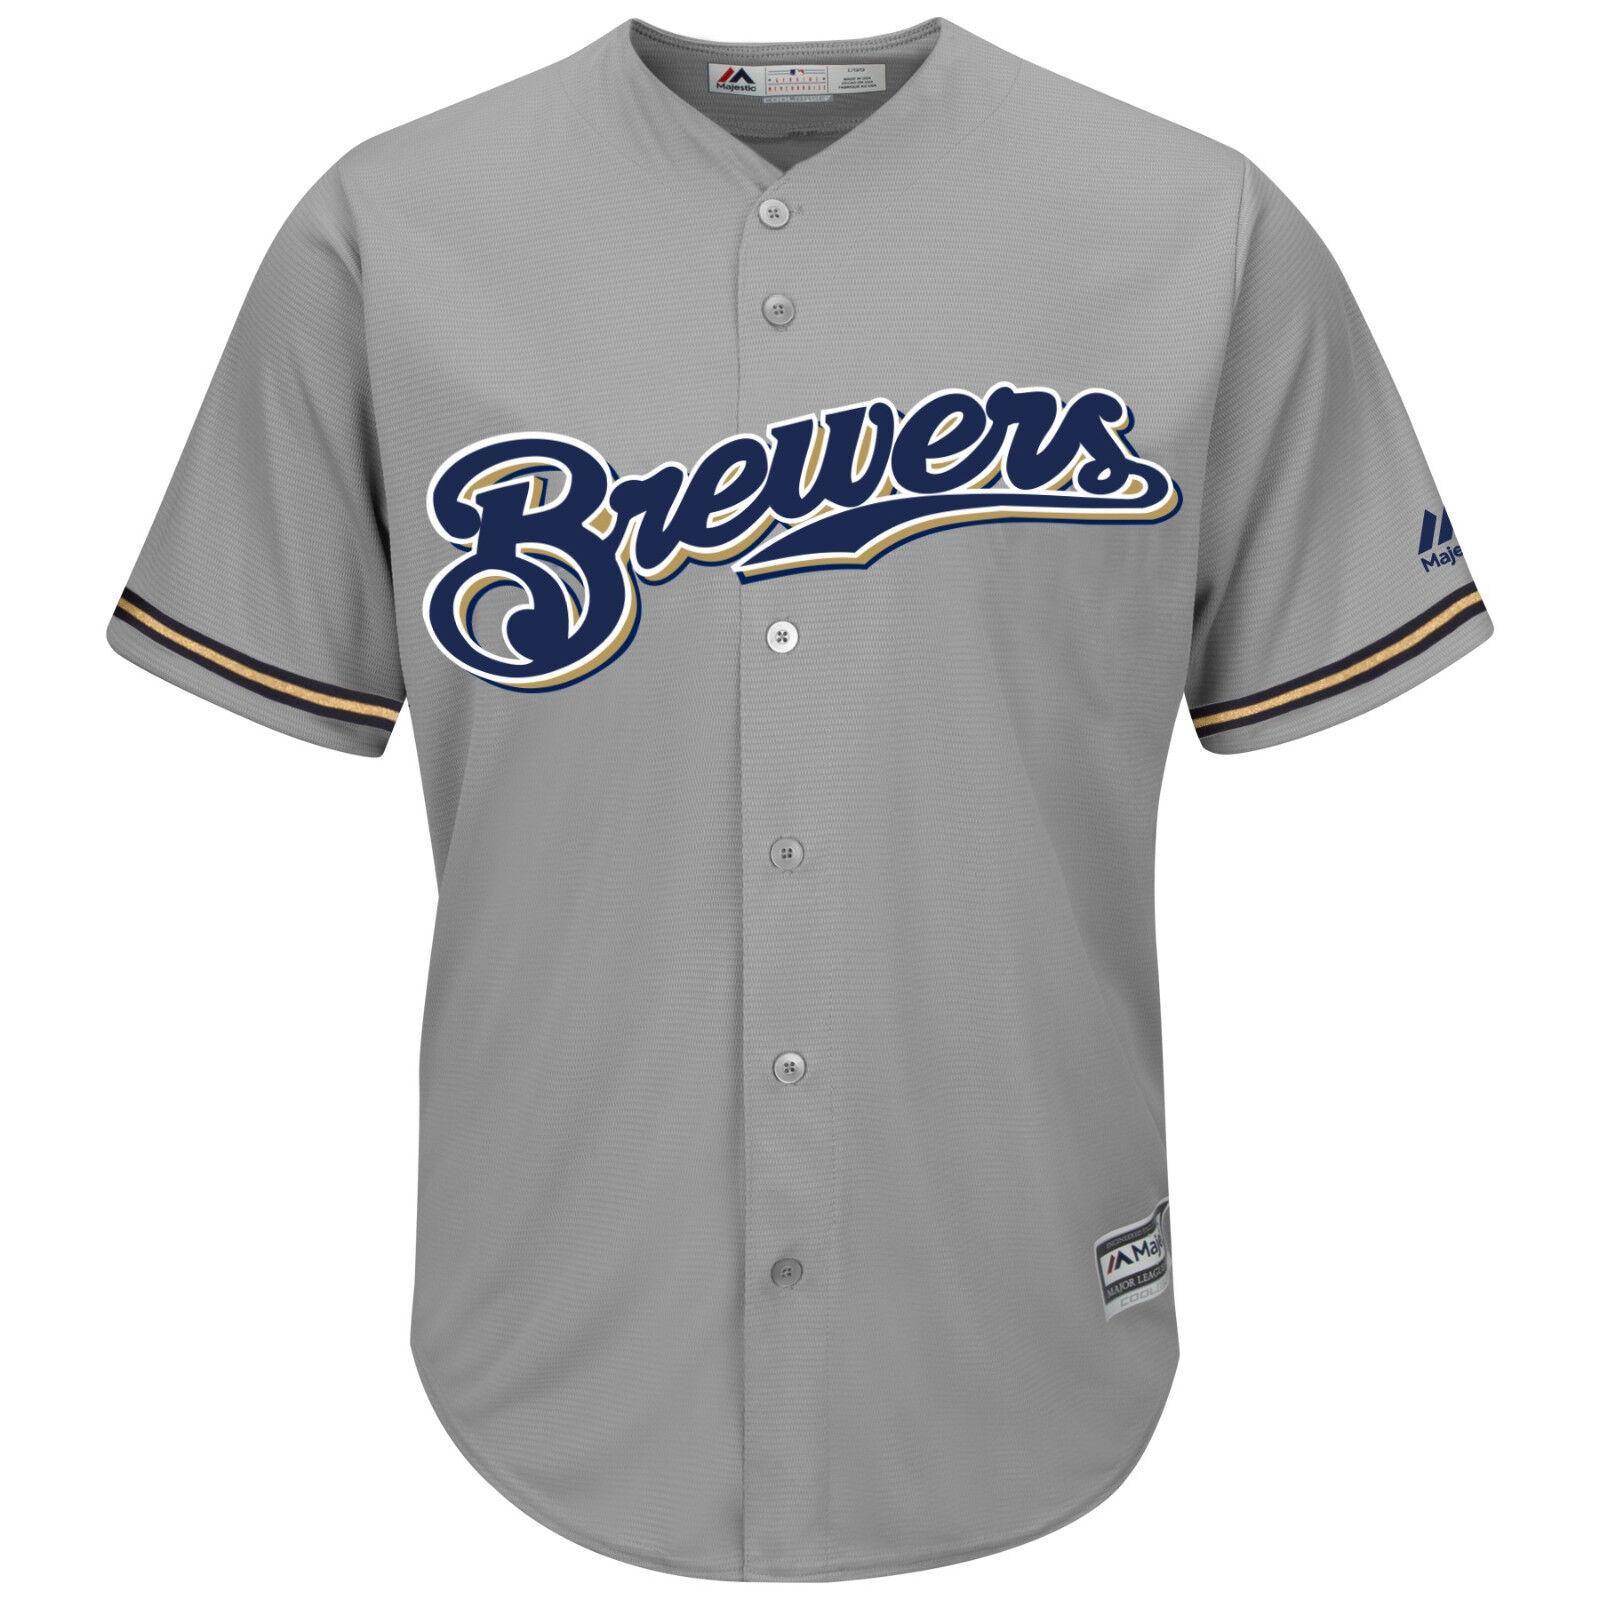 MLB Baseball Trikot Milwaukee Brewers grau Cool base Majestic Jersey